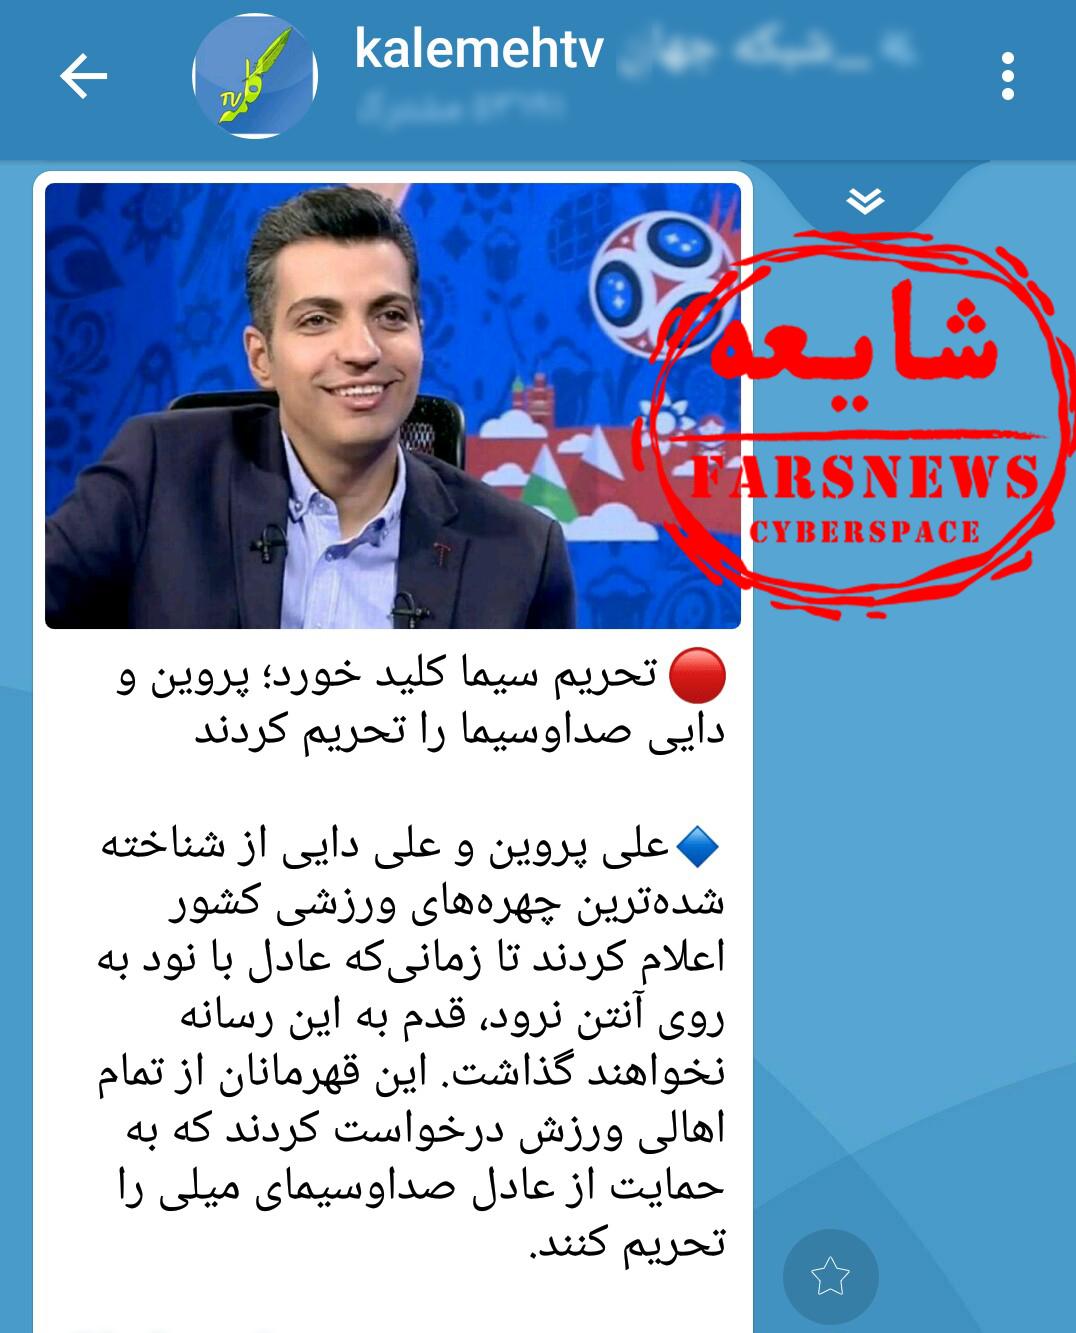 ماجرای تحریم تلویزیون توسط علی پروین چیست؟ + تصاویر - 2